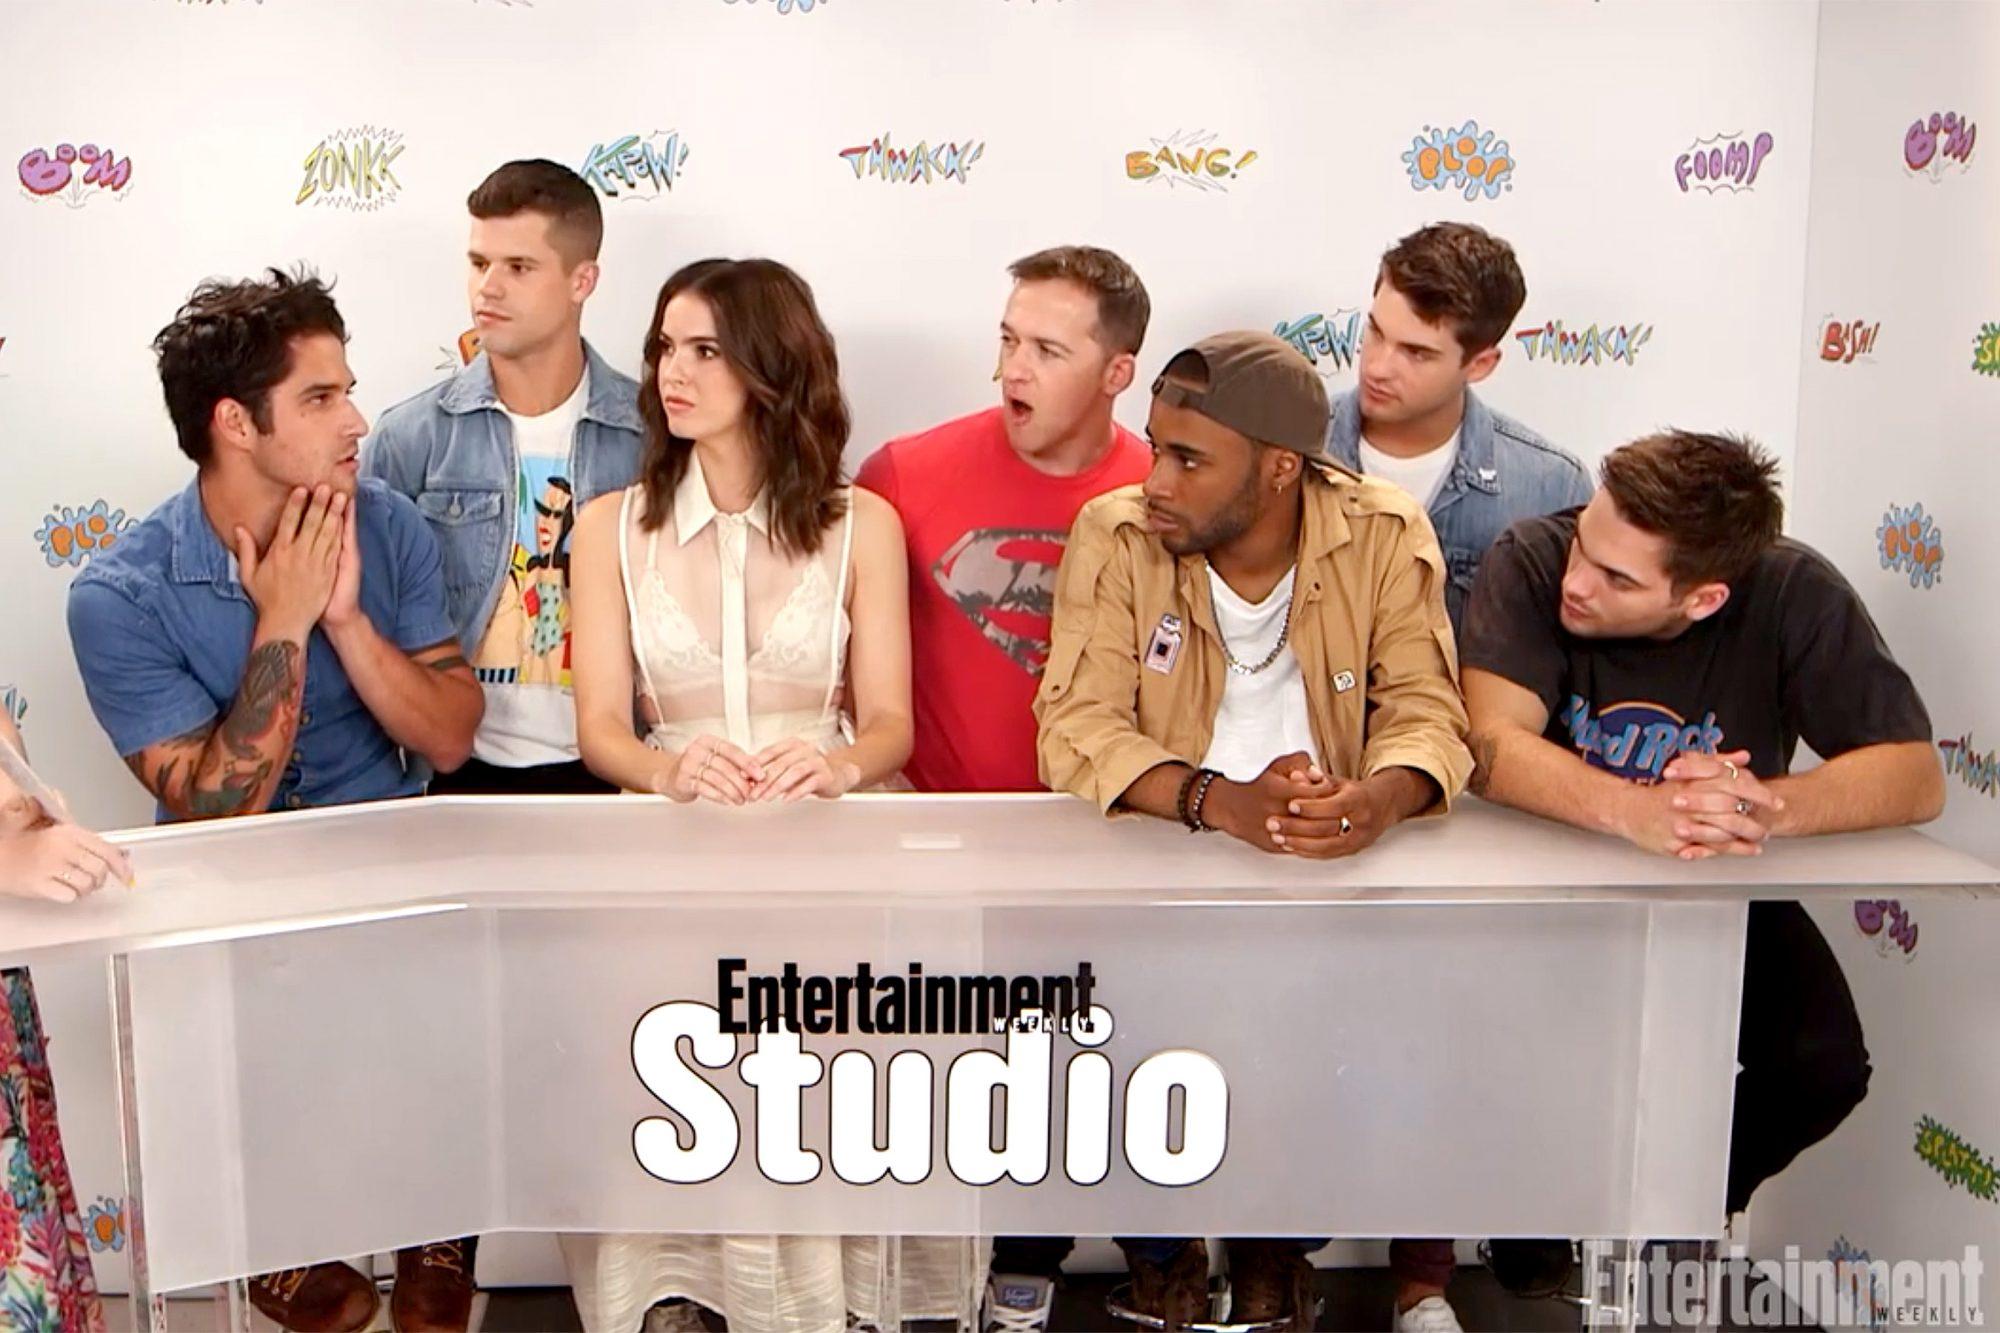 Teen Wolf at EW Comic-Con Studio